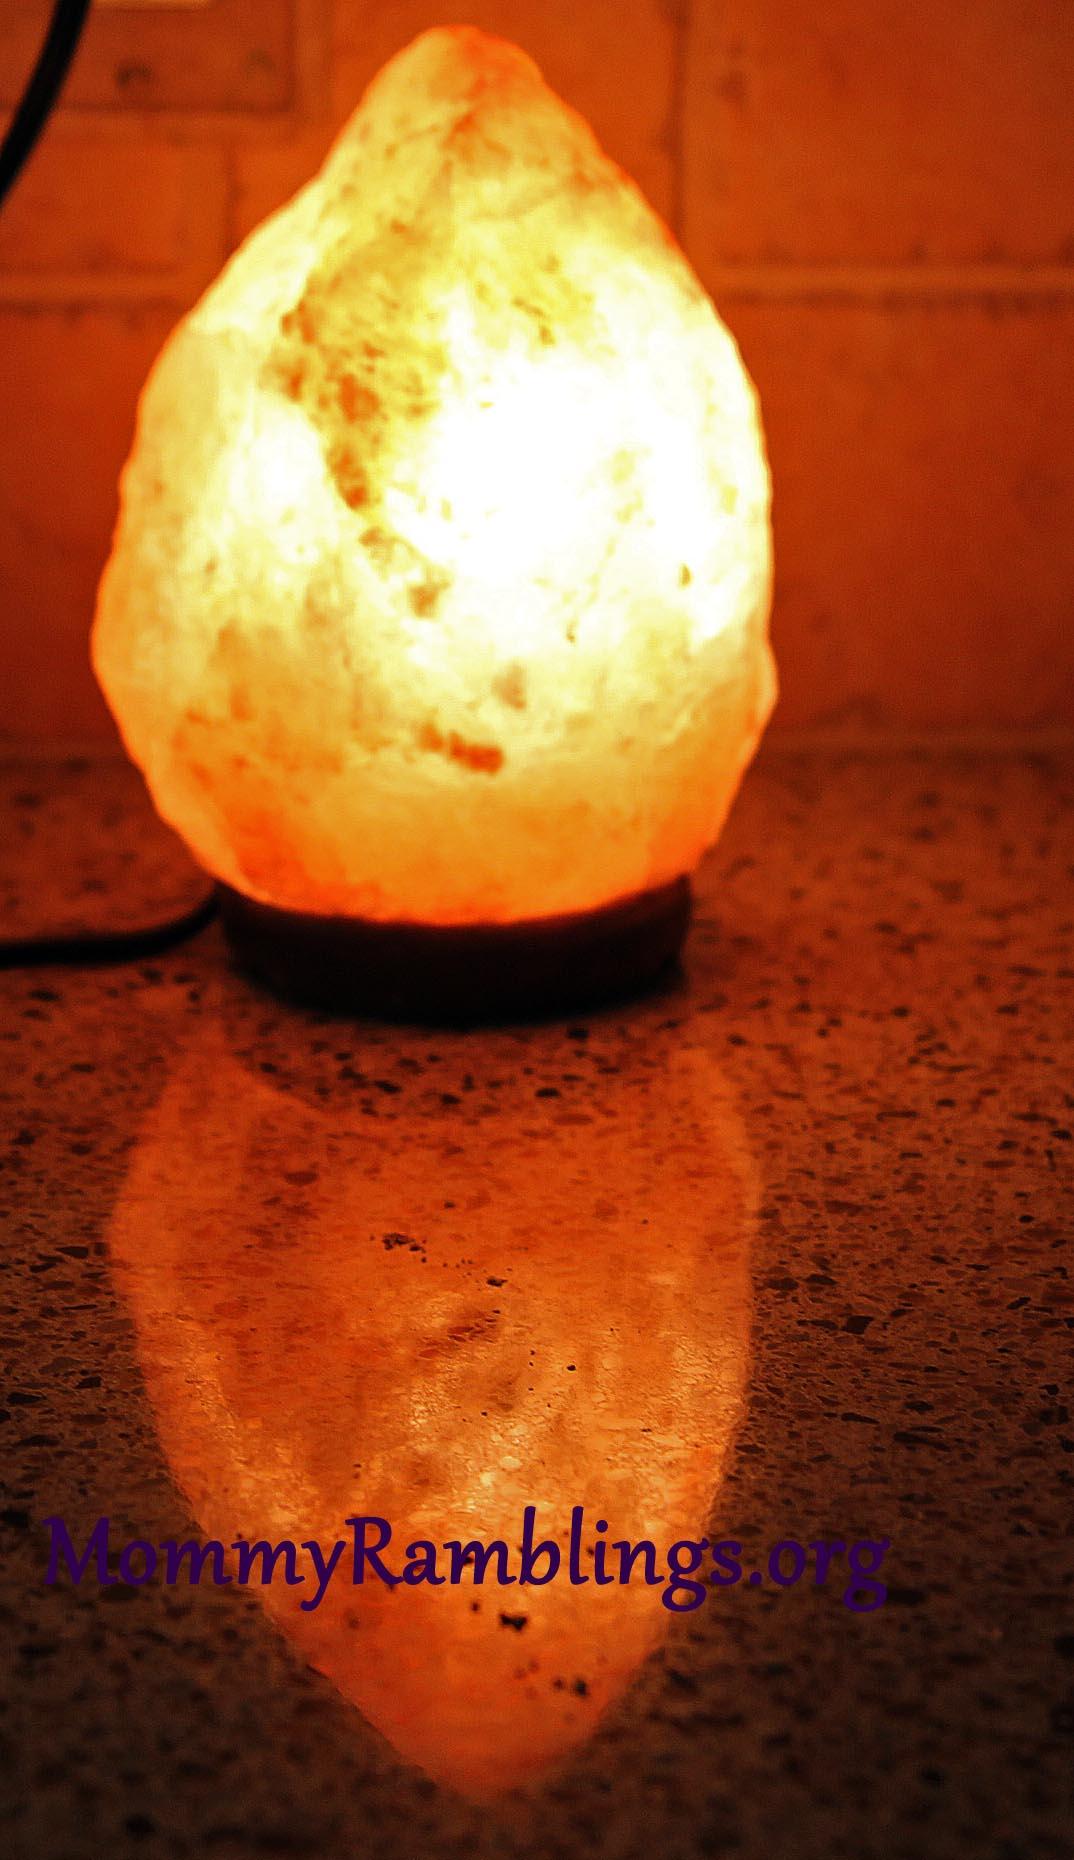 Himalayan Salt Lamps Facebook : Himalayan Salt Shop, Salt Lamp Review and Giveaway!!! 15% Discount Code Added!!! Mommy Ramblings